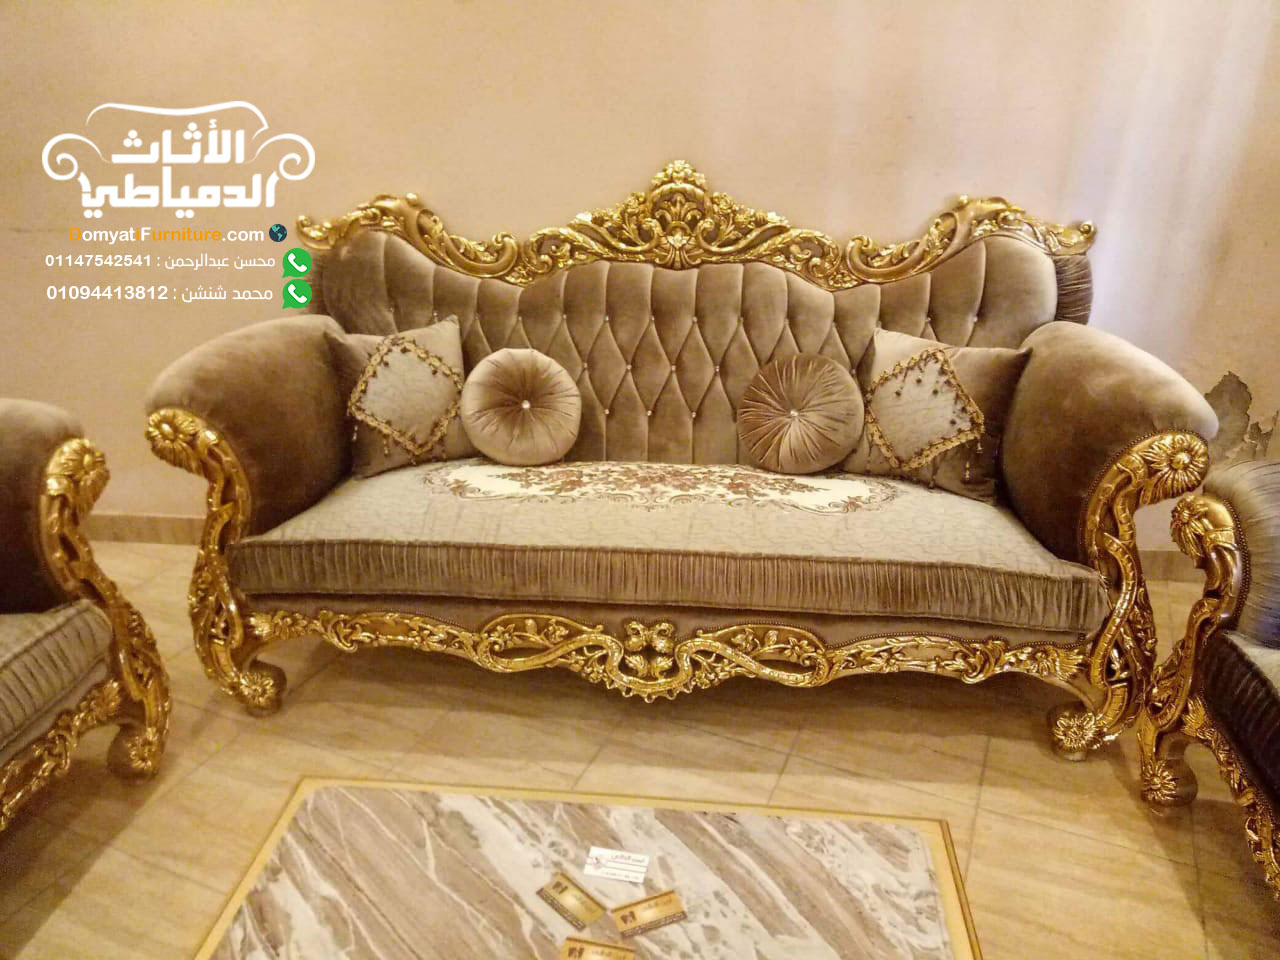 صالونات مدهب فخمة from i1.wp.com